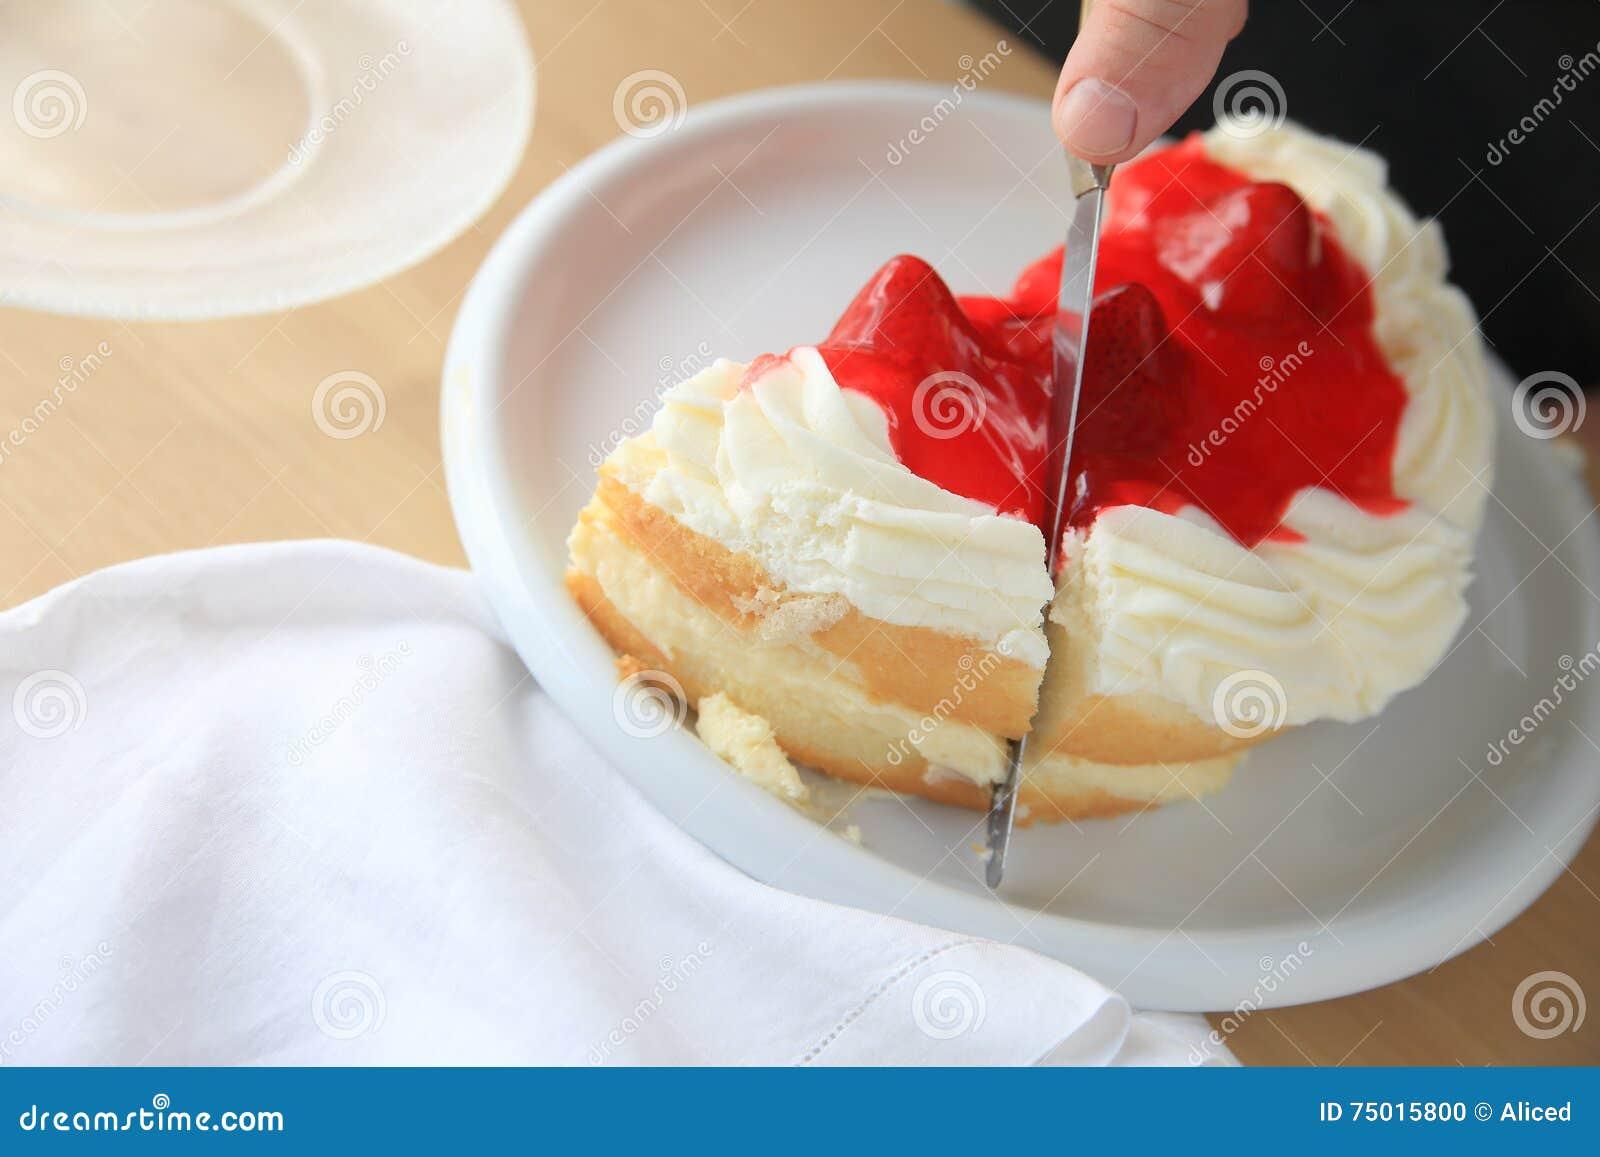 Découpage en tranches d un gâteau avec le lustre fouetté de crème et de fruit